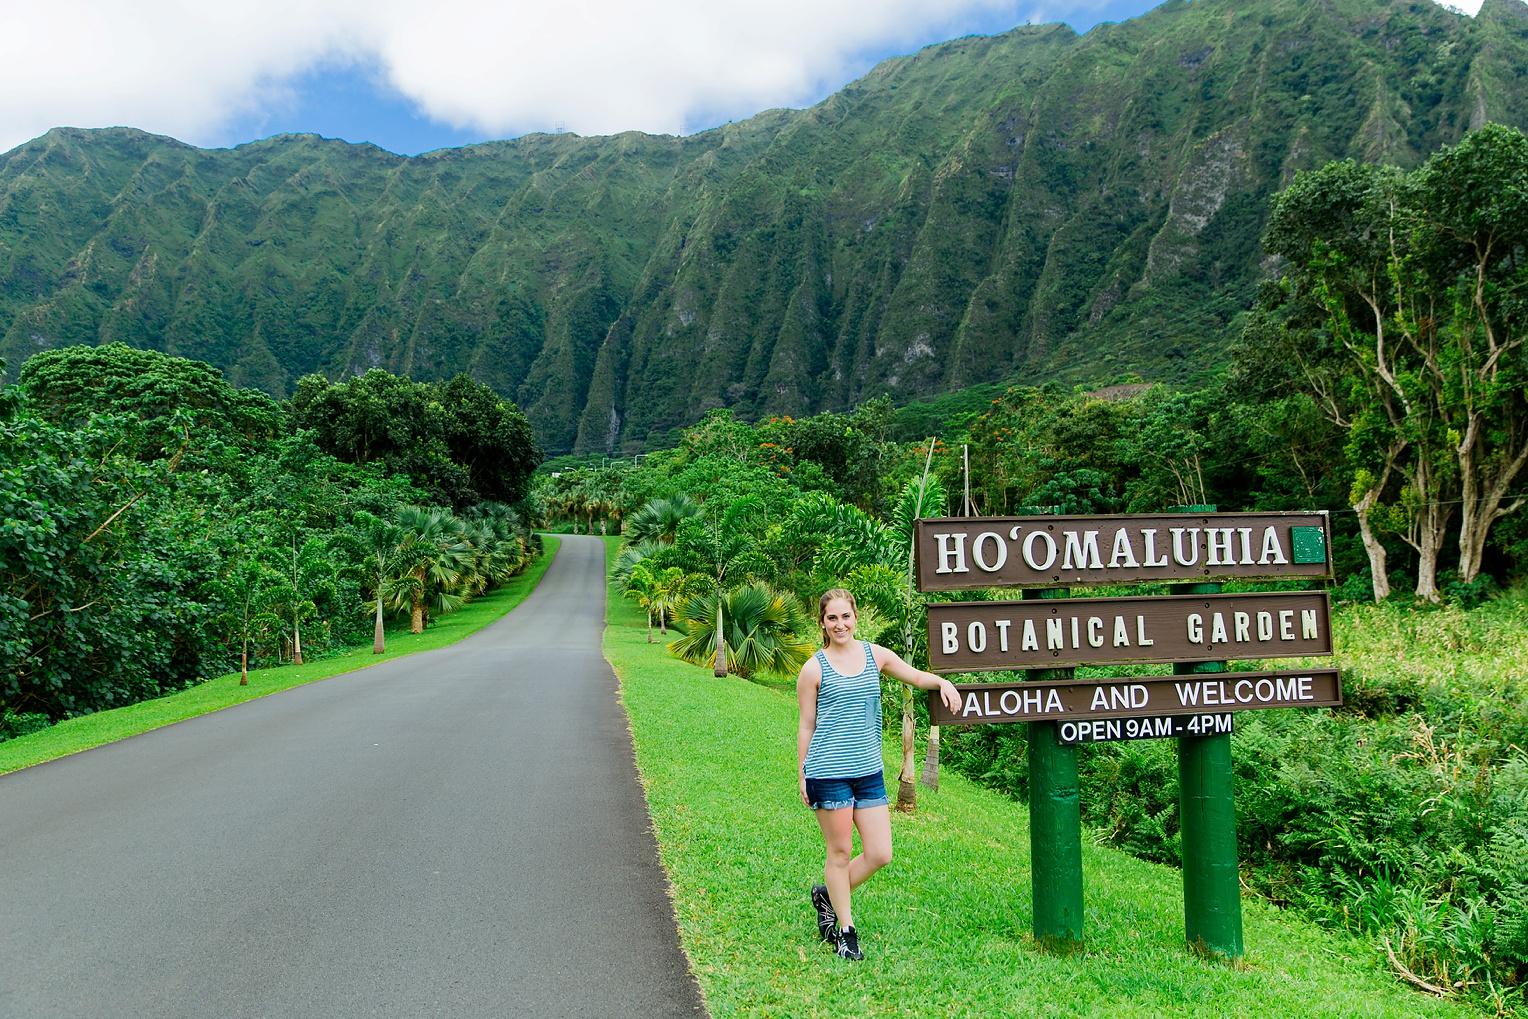 Hawaii Oahu Botanical Gardens Ko'olina Lagoon-9390.jpg